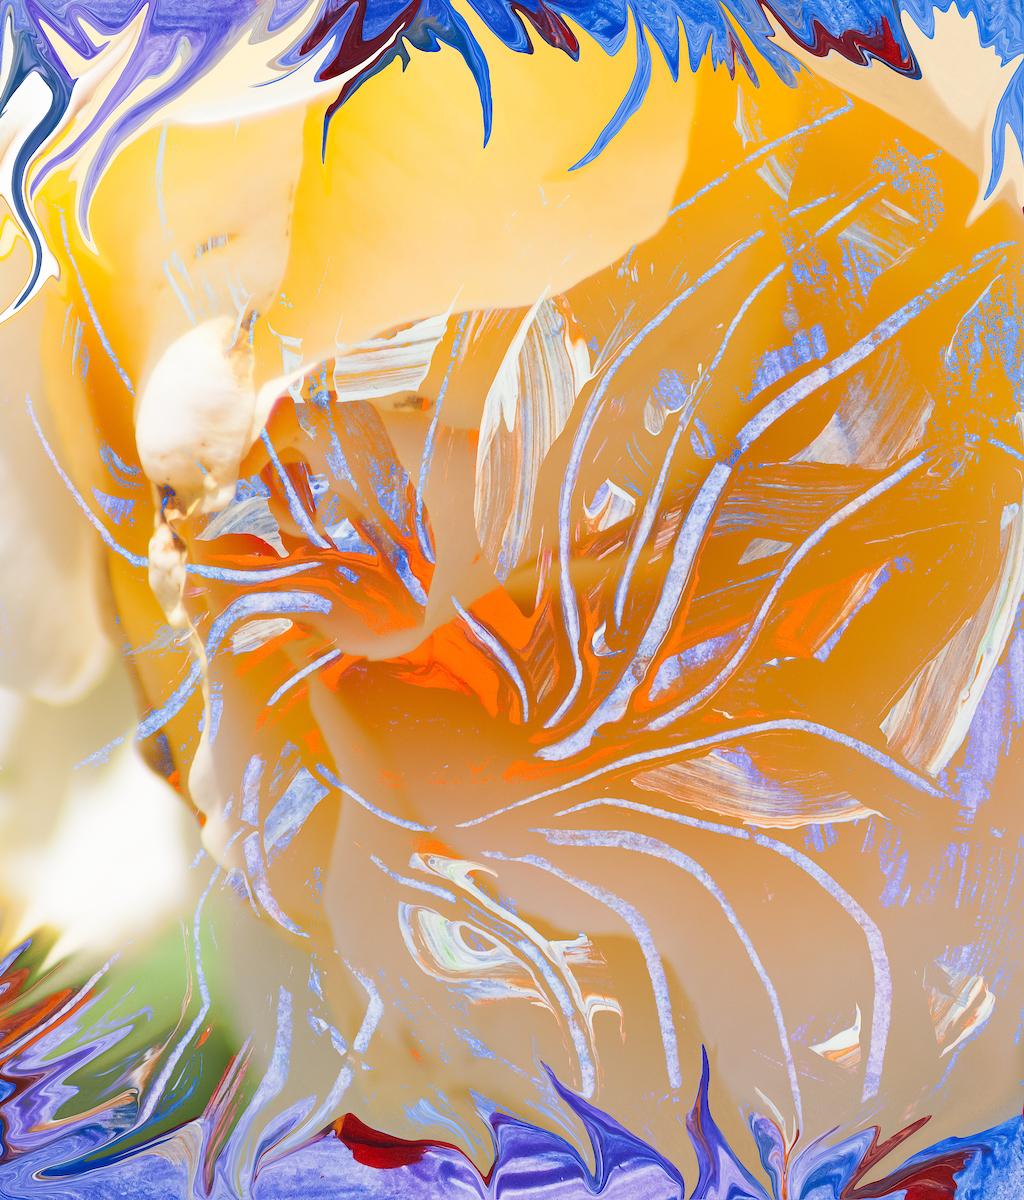 immagine astratta dai colori caldi con astrazione di fiore con forme astratte che richiamano dei pistilli che si sviluppano fluttuando